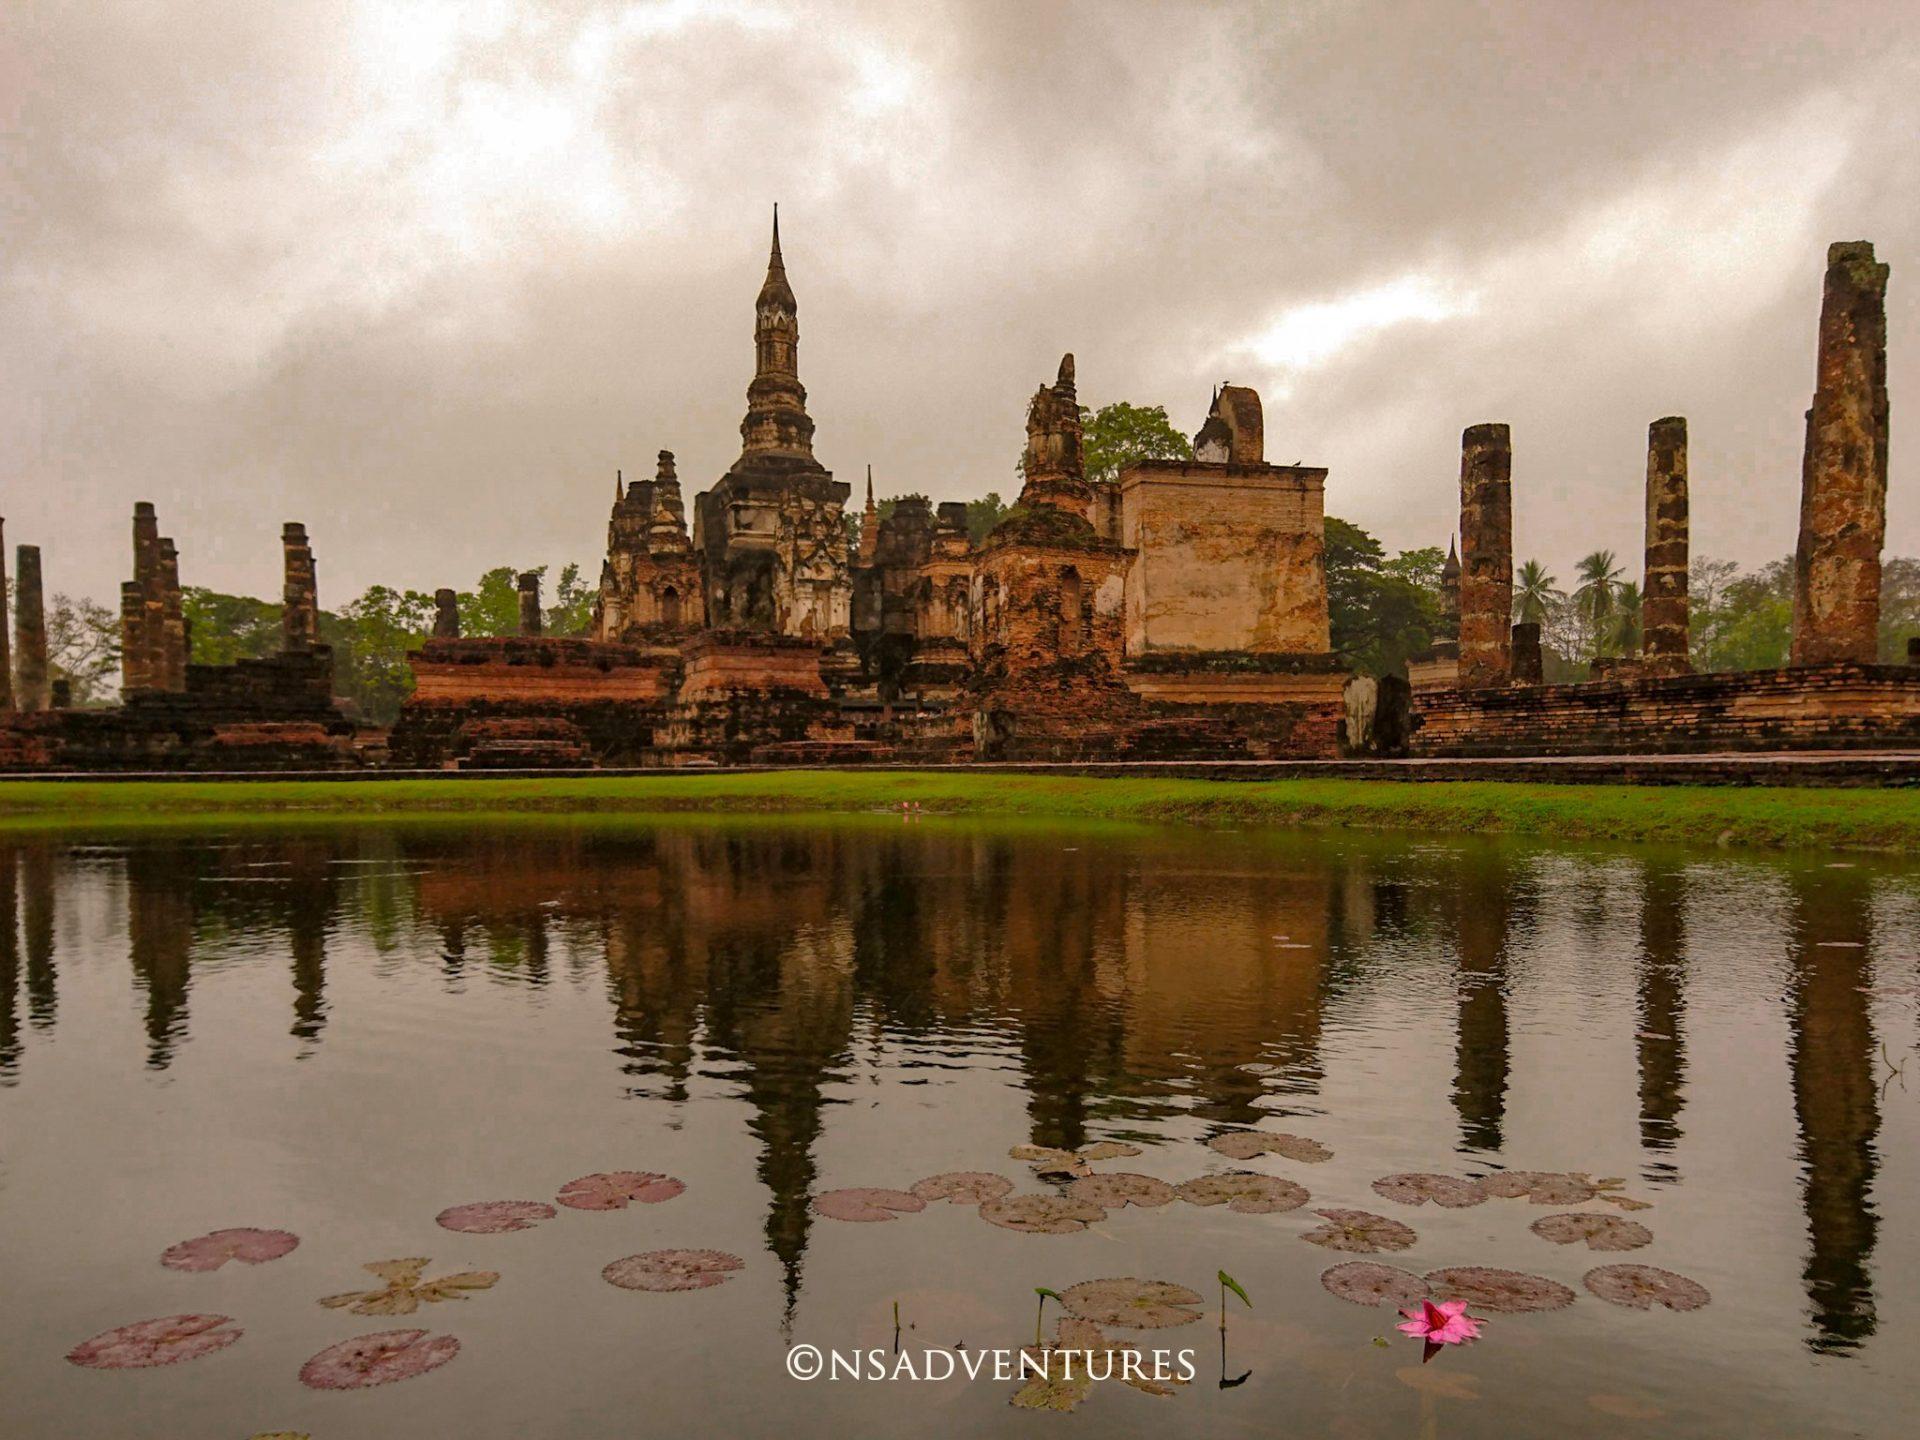 Parco storico di Sukhothai: un'immagine unica di una delle sue più grandi attrazioni